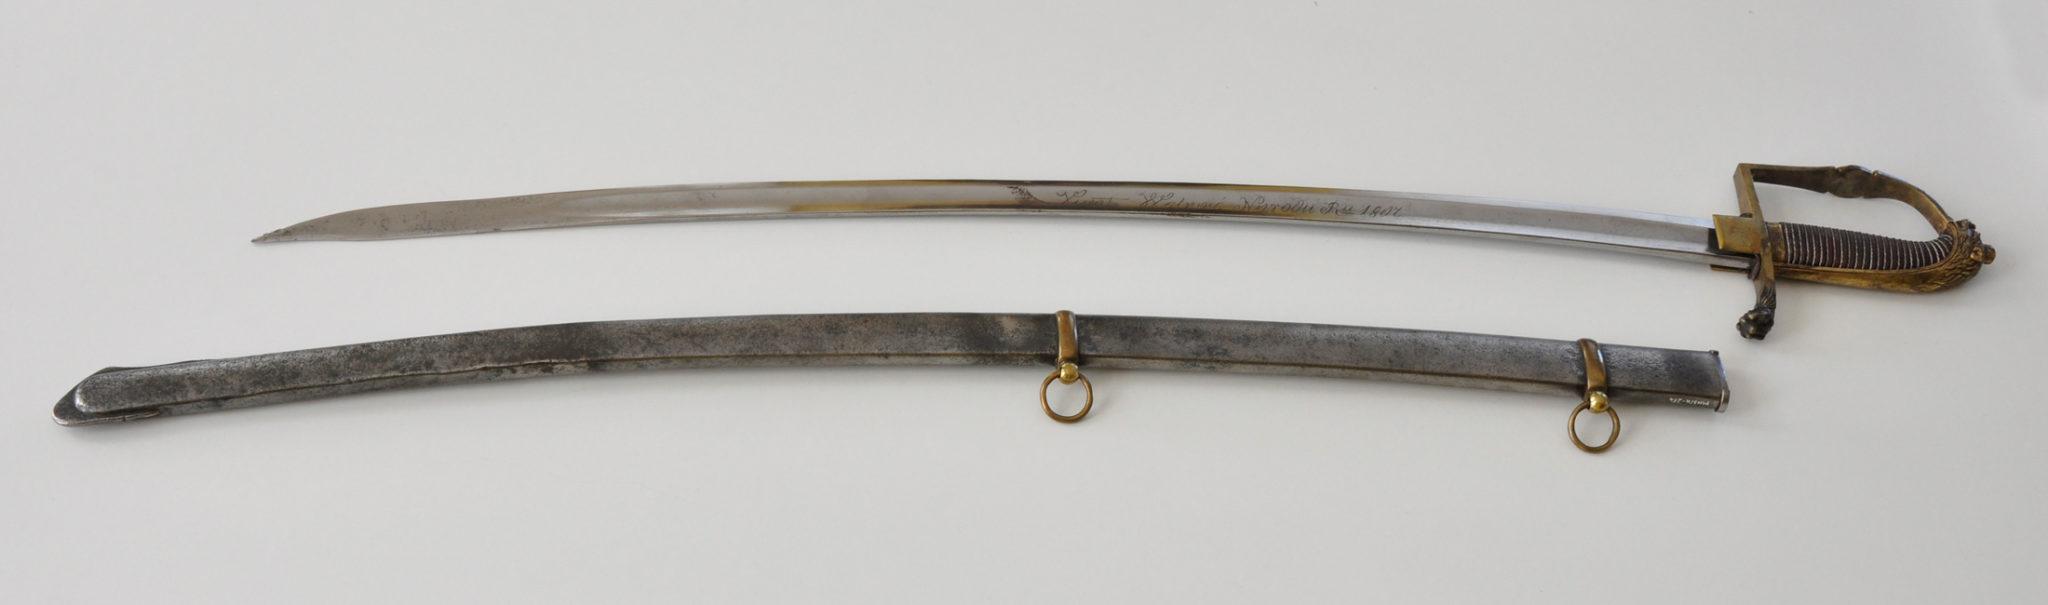 Polska szabla z początku XIX w. Możliwe, że tego egzemplarza użyto w walkach na Pomorzu. Zbiory Muzeum Narodowego w Szczecinie.